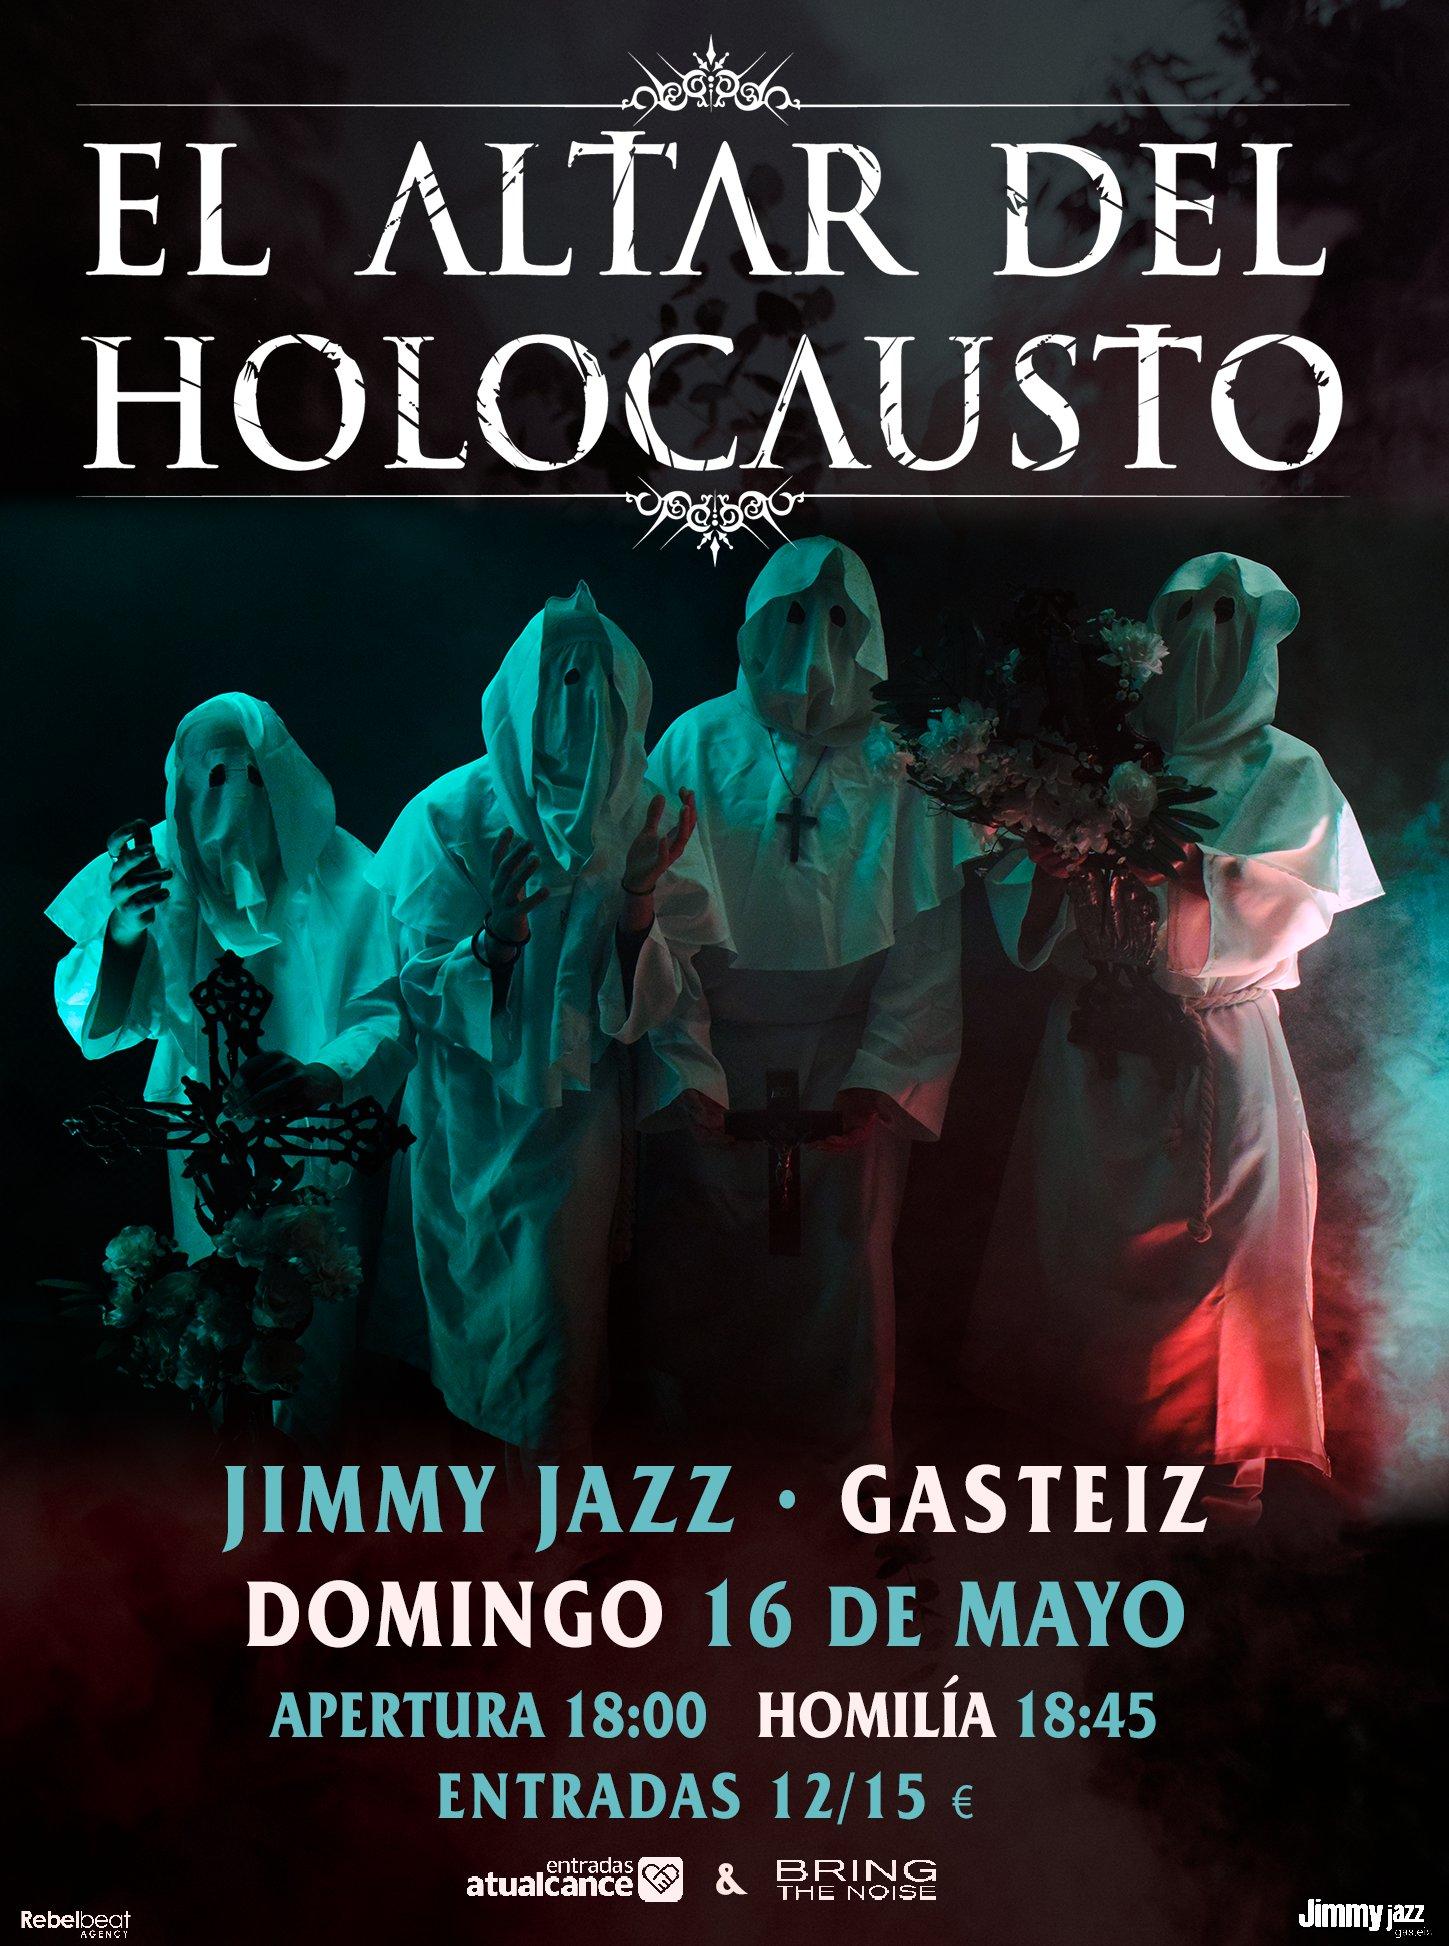 El Altar Del Holocausto: ¡¡¡✞ T R I N I DAD - Nuevo album disponible✞ !!!!! - Página 16 EyTJLTWWYAU7XN5?format=jpg&name=large